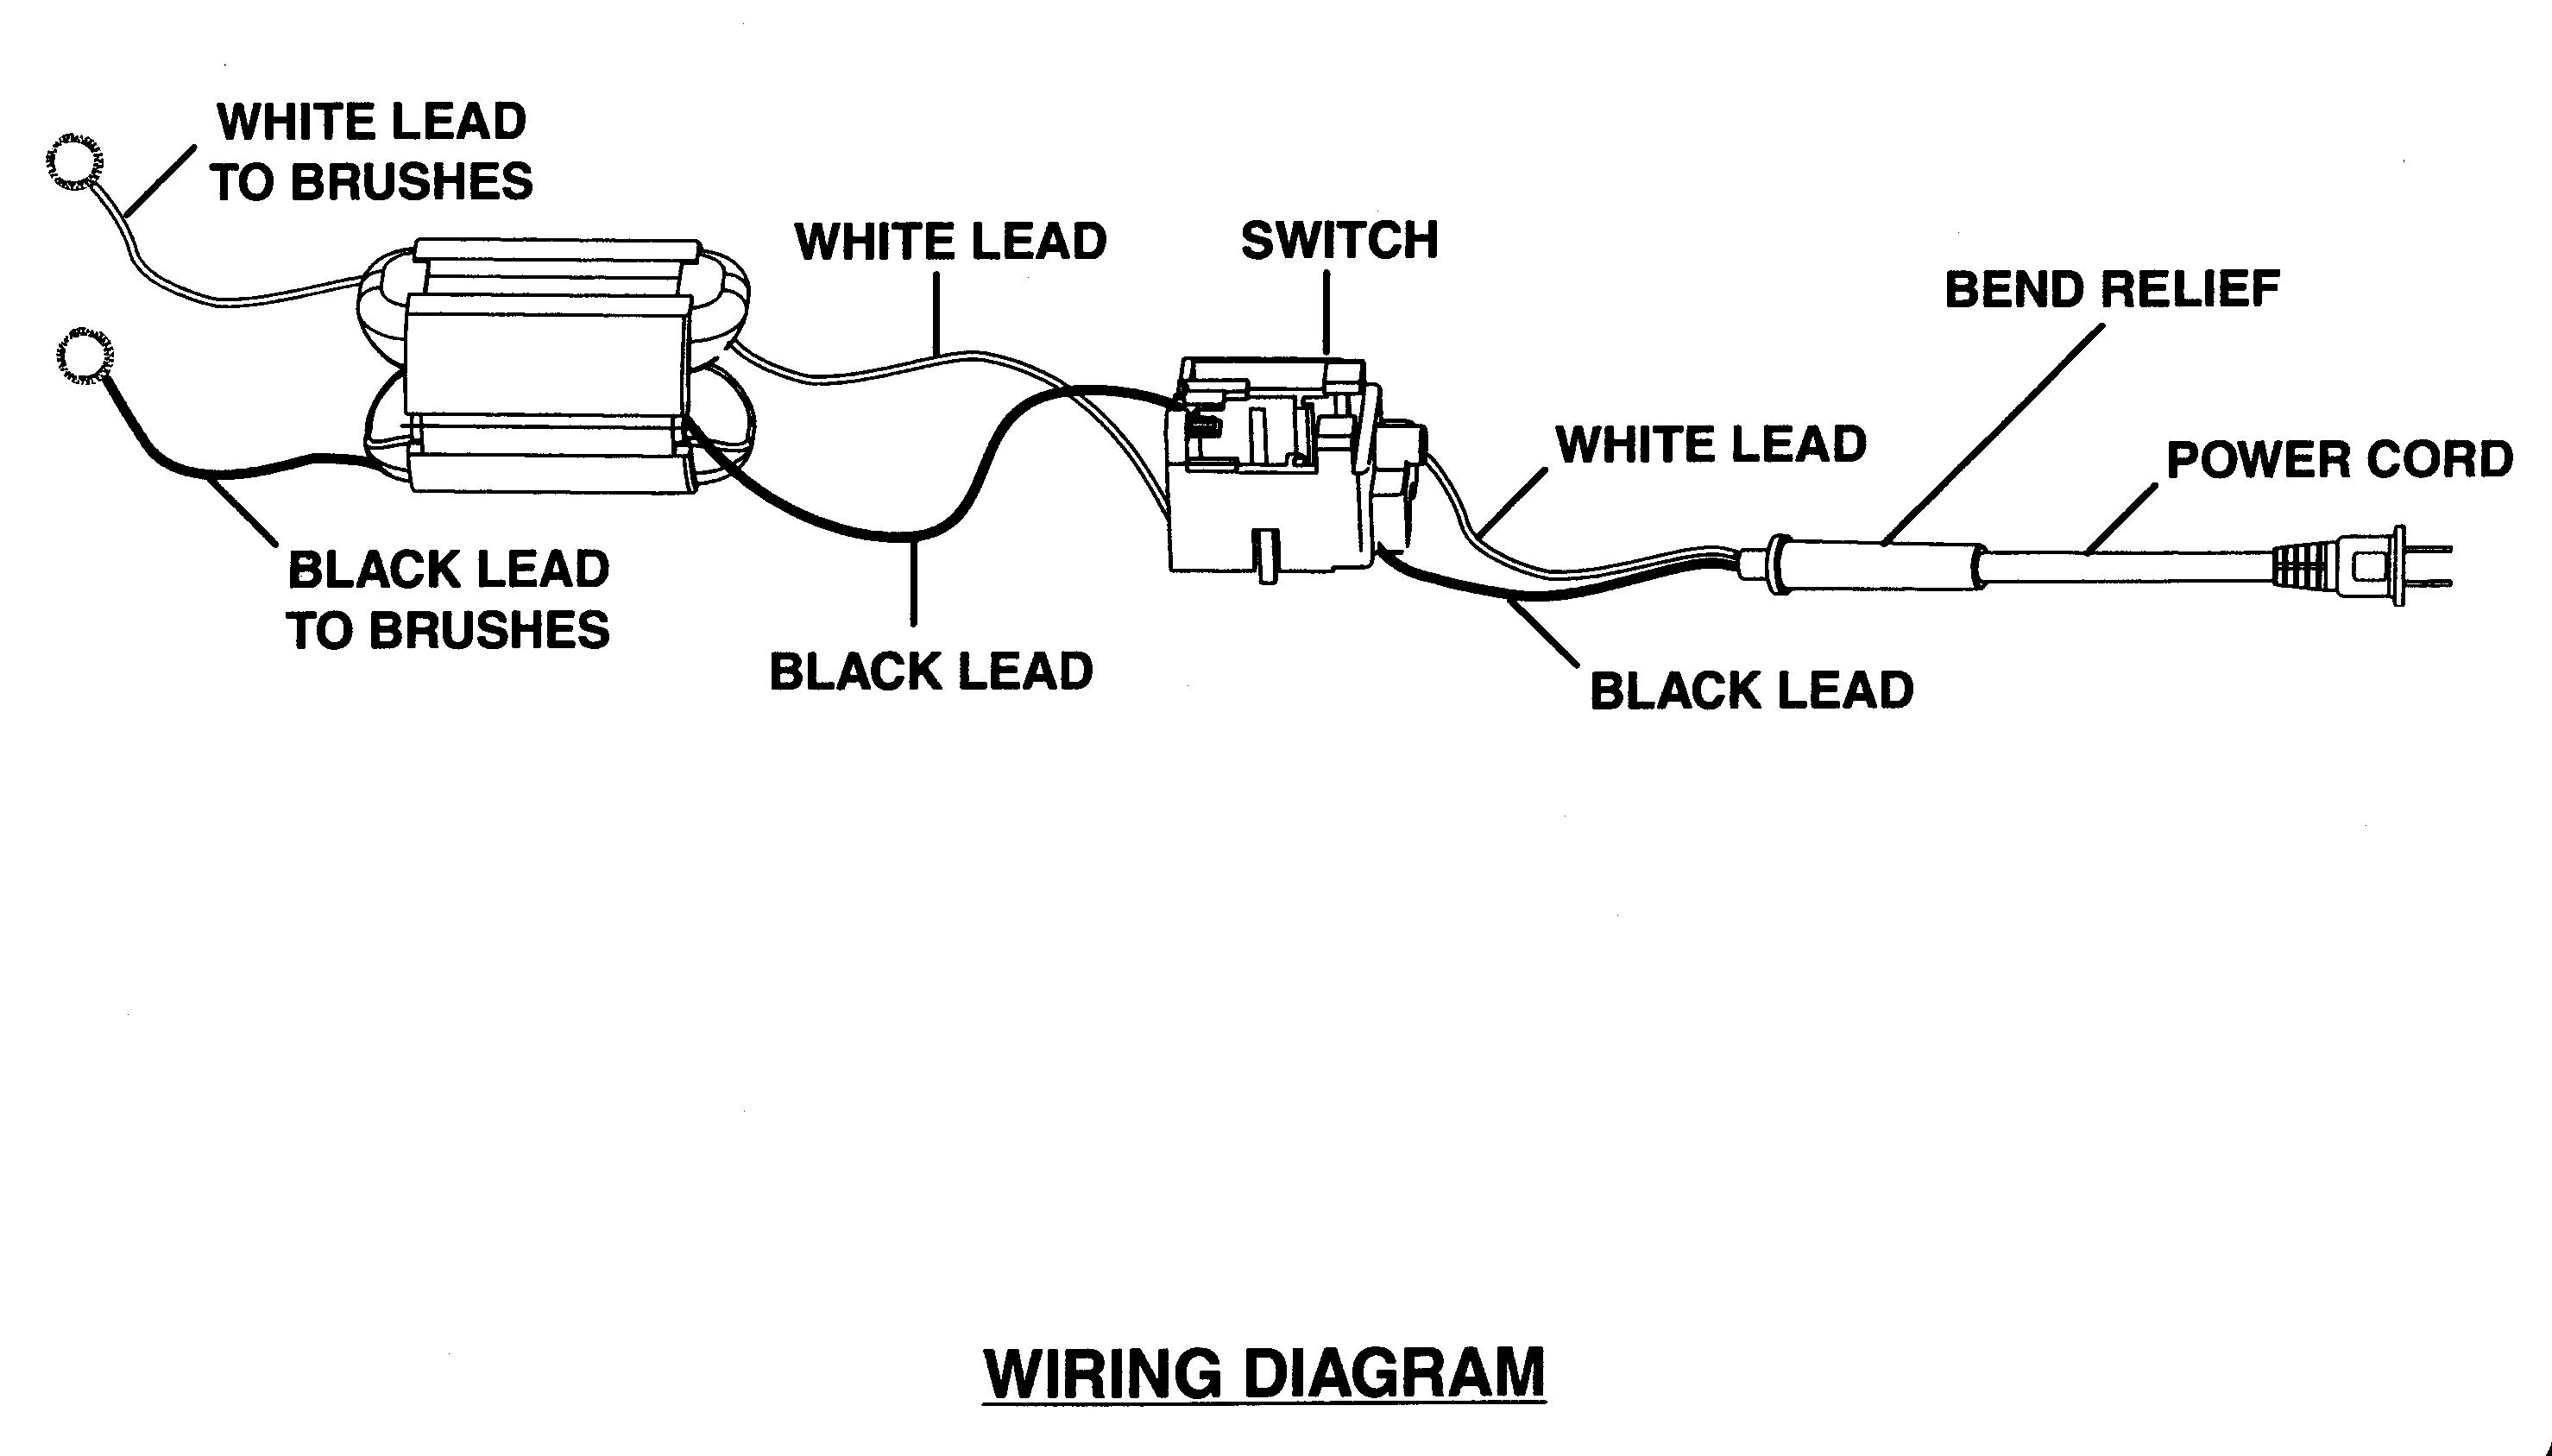 [SCHEMATICS_4ER]  C4C Wiring Diagram For A Bench Grinder | Wiring Library | Bench Grinder Wire Diagram |  | Wiring Library